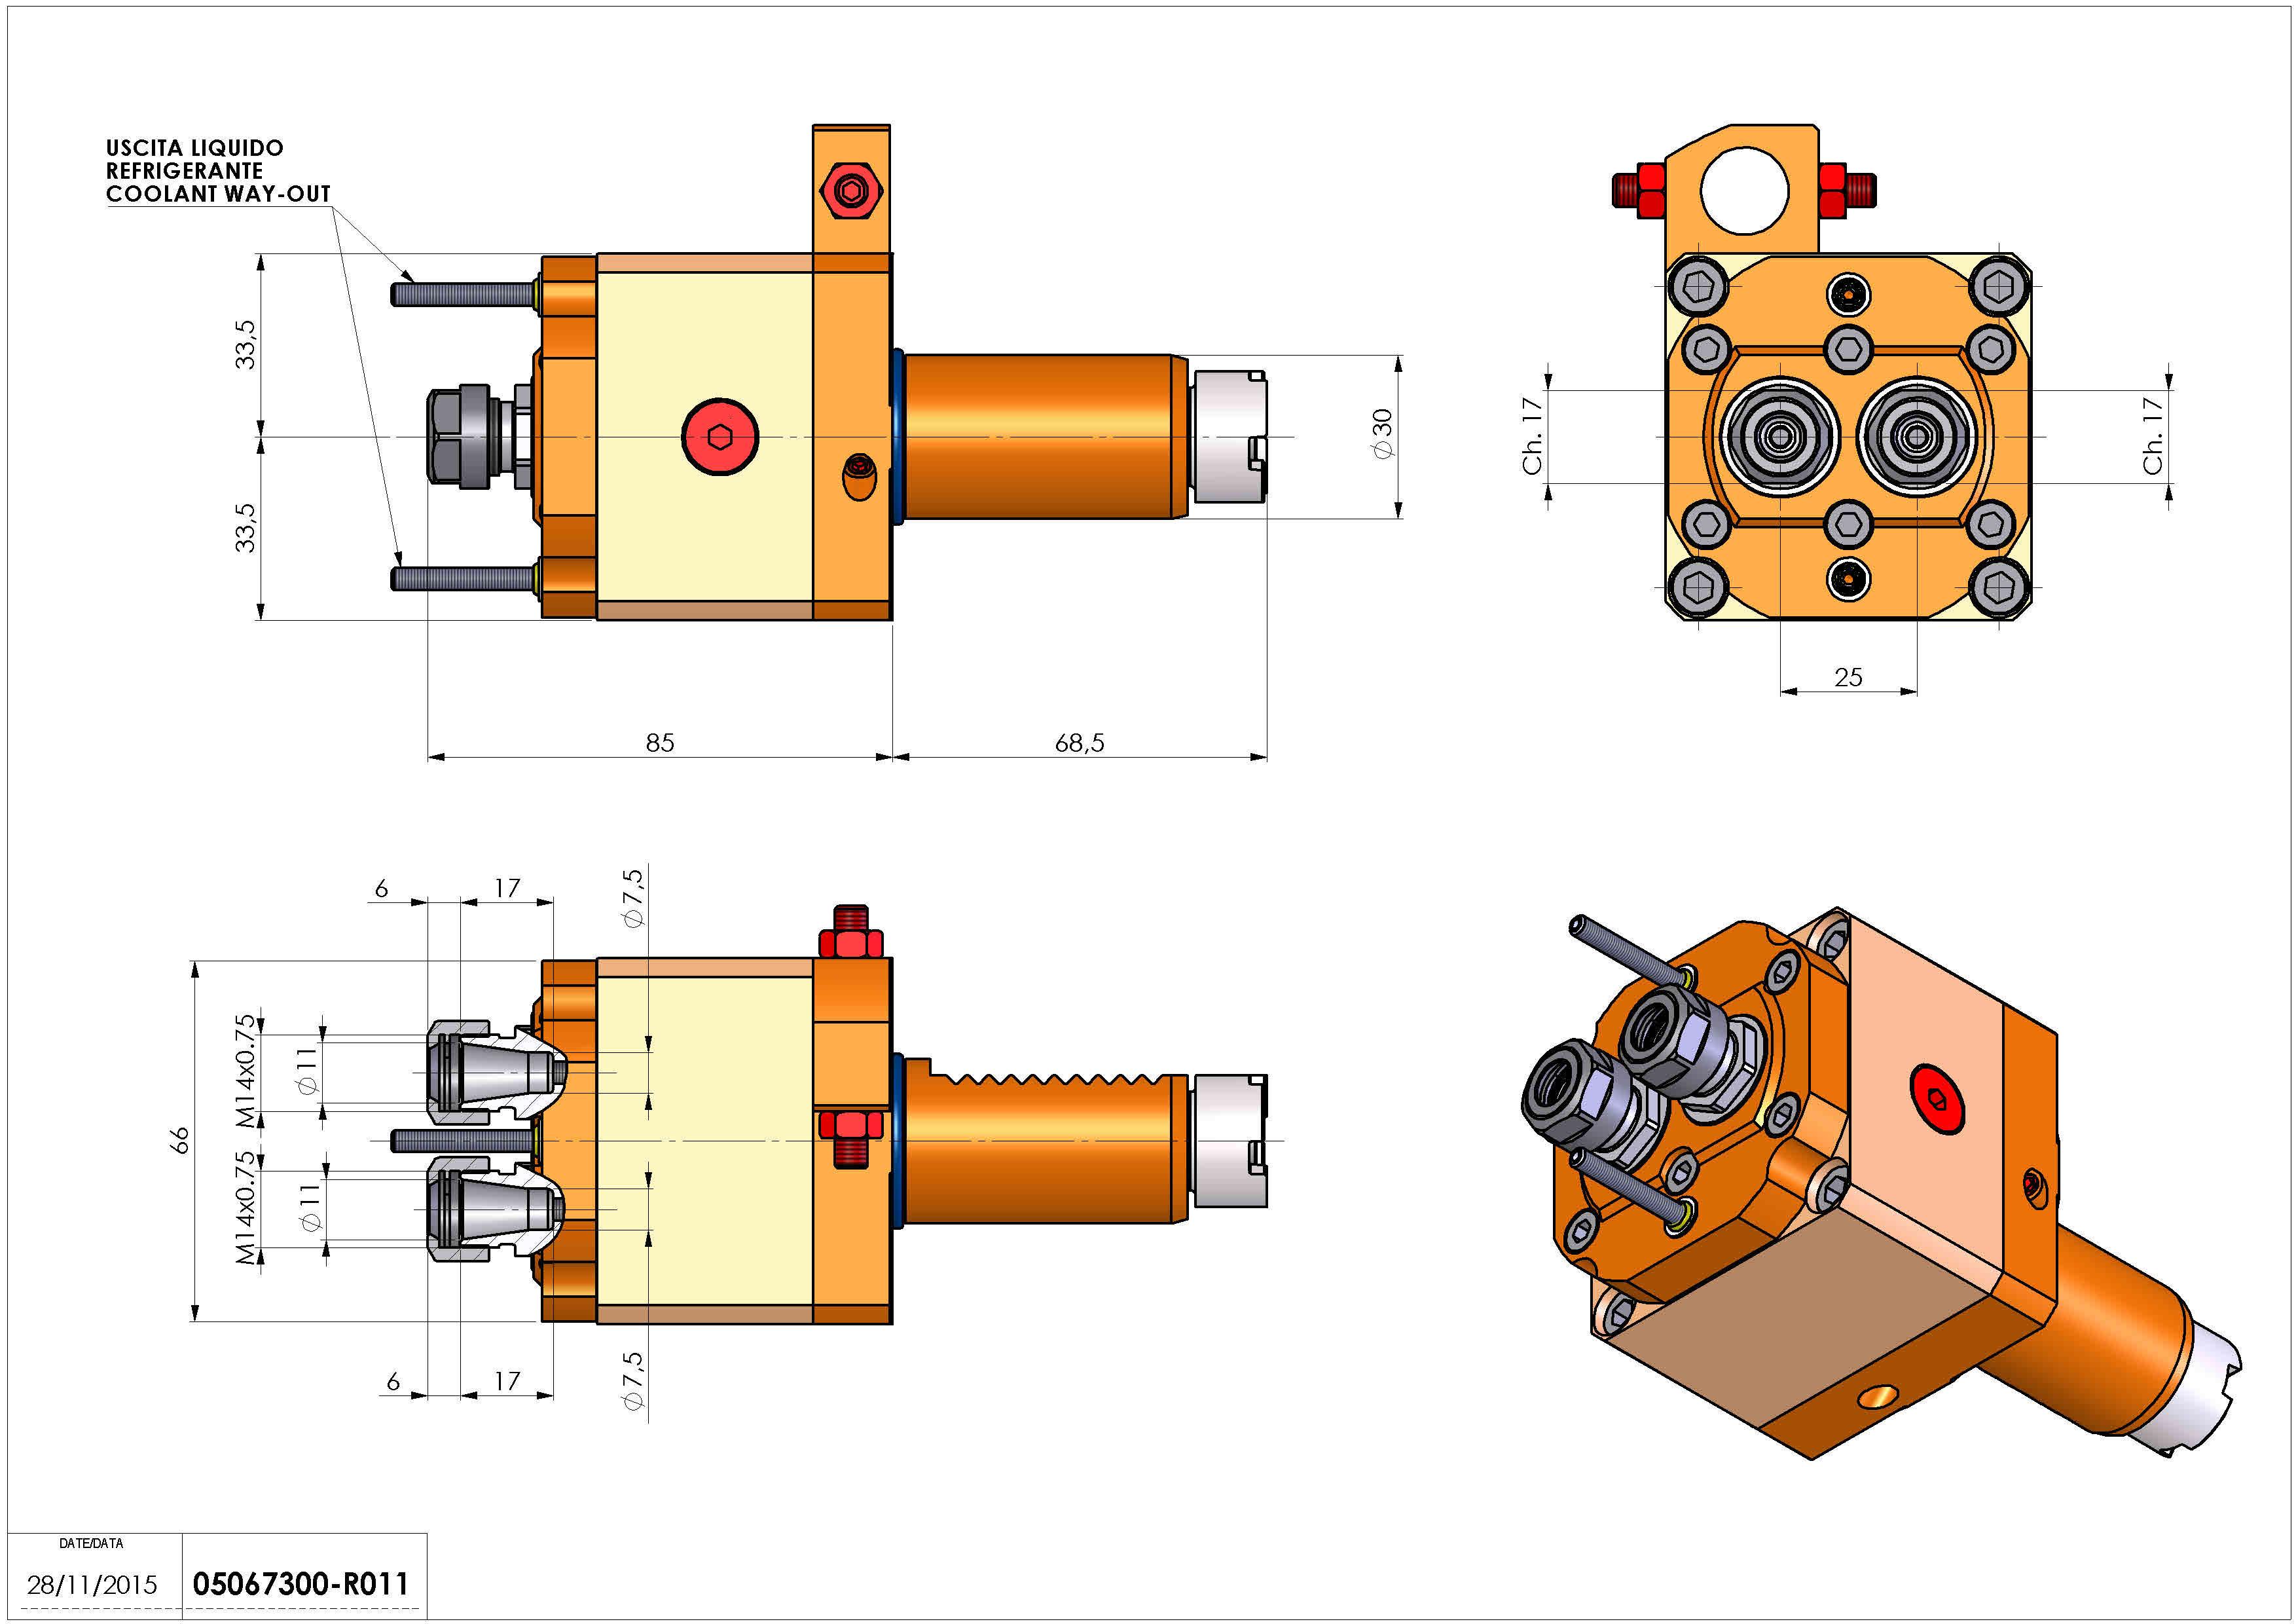 Technical image - LT-S2 VDI30 ER11 I25 H85 1:1OK.